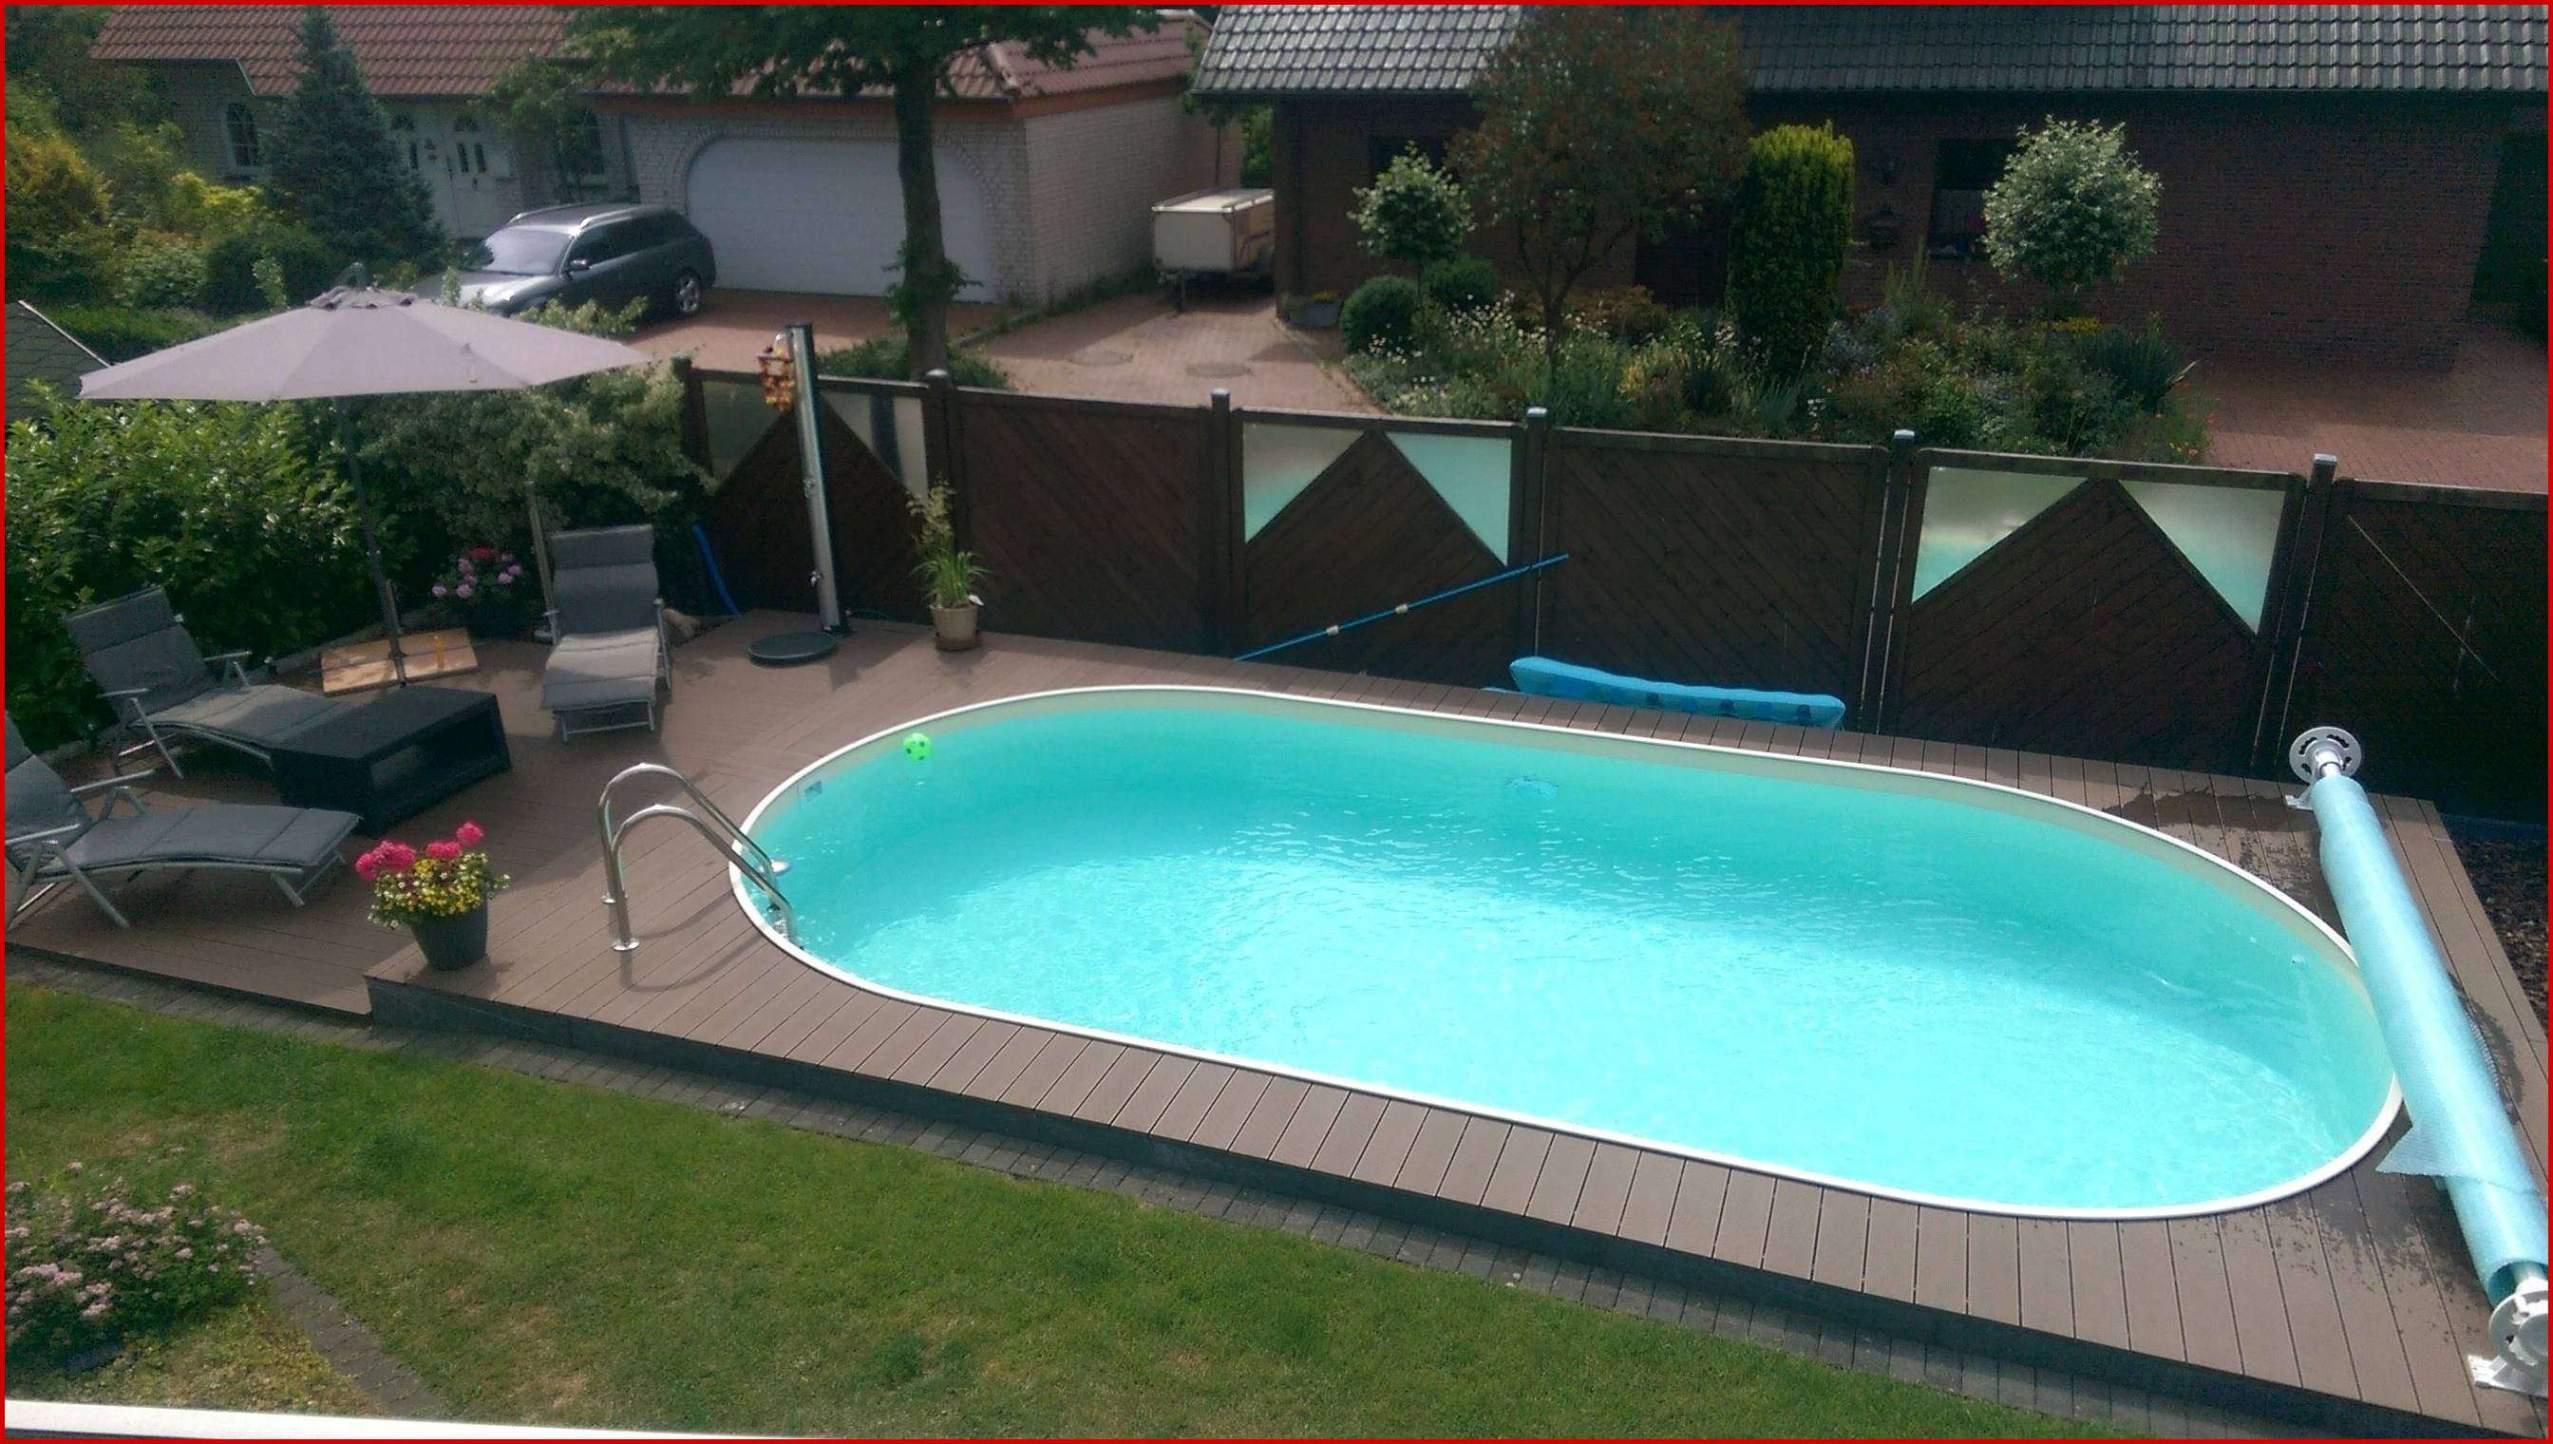 42 schon kleine pools fur den garten stock kleine pools fur kleine garten kleine pools fur kleine garten 3